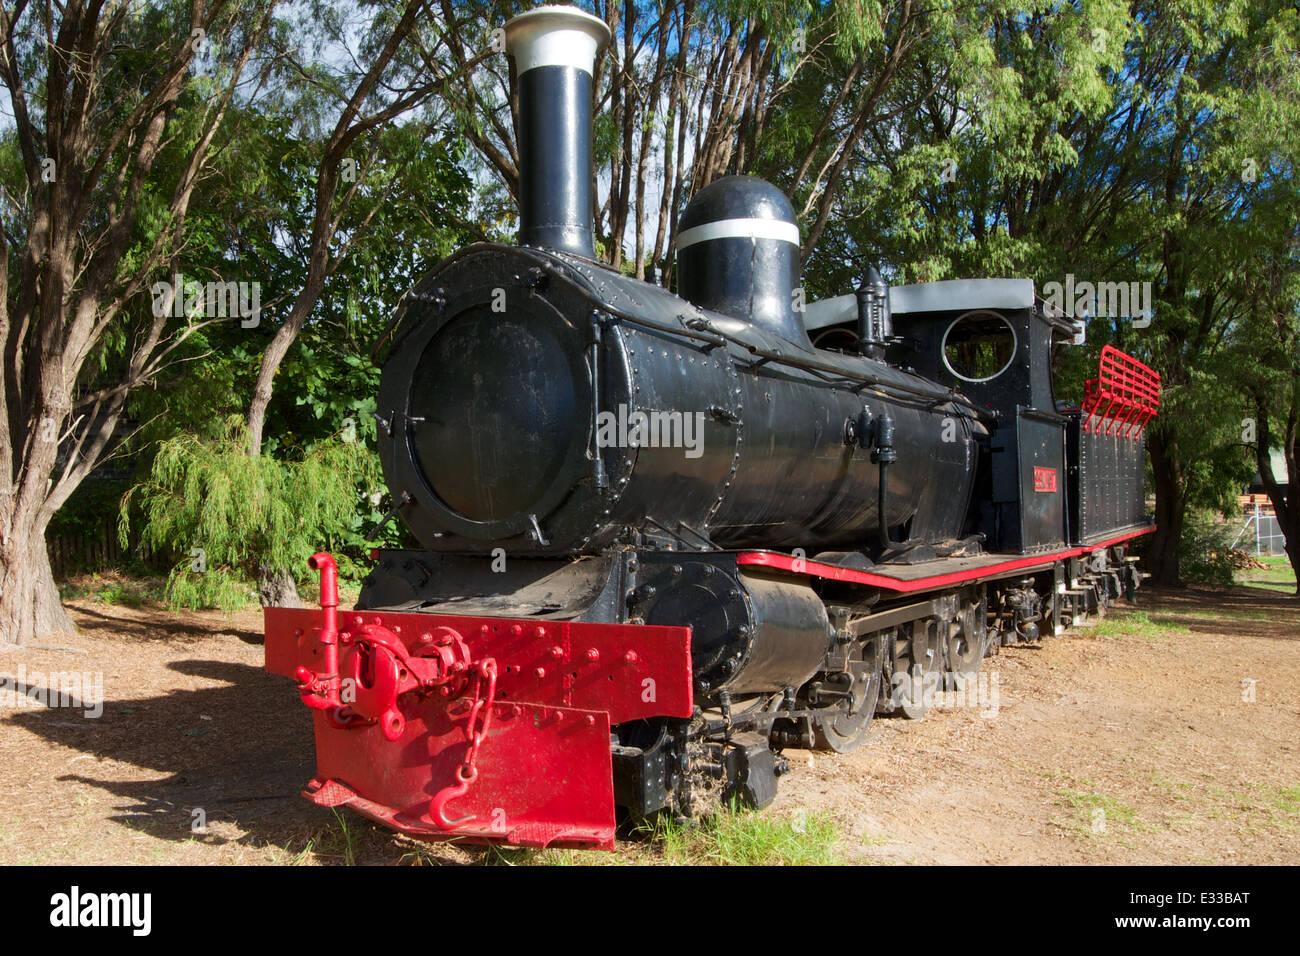 Beyer Peacock 2-6-0 5475 steam locomotive of 1911 displayed in Pemberton, Western Australia - Stock Image